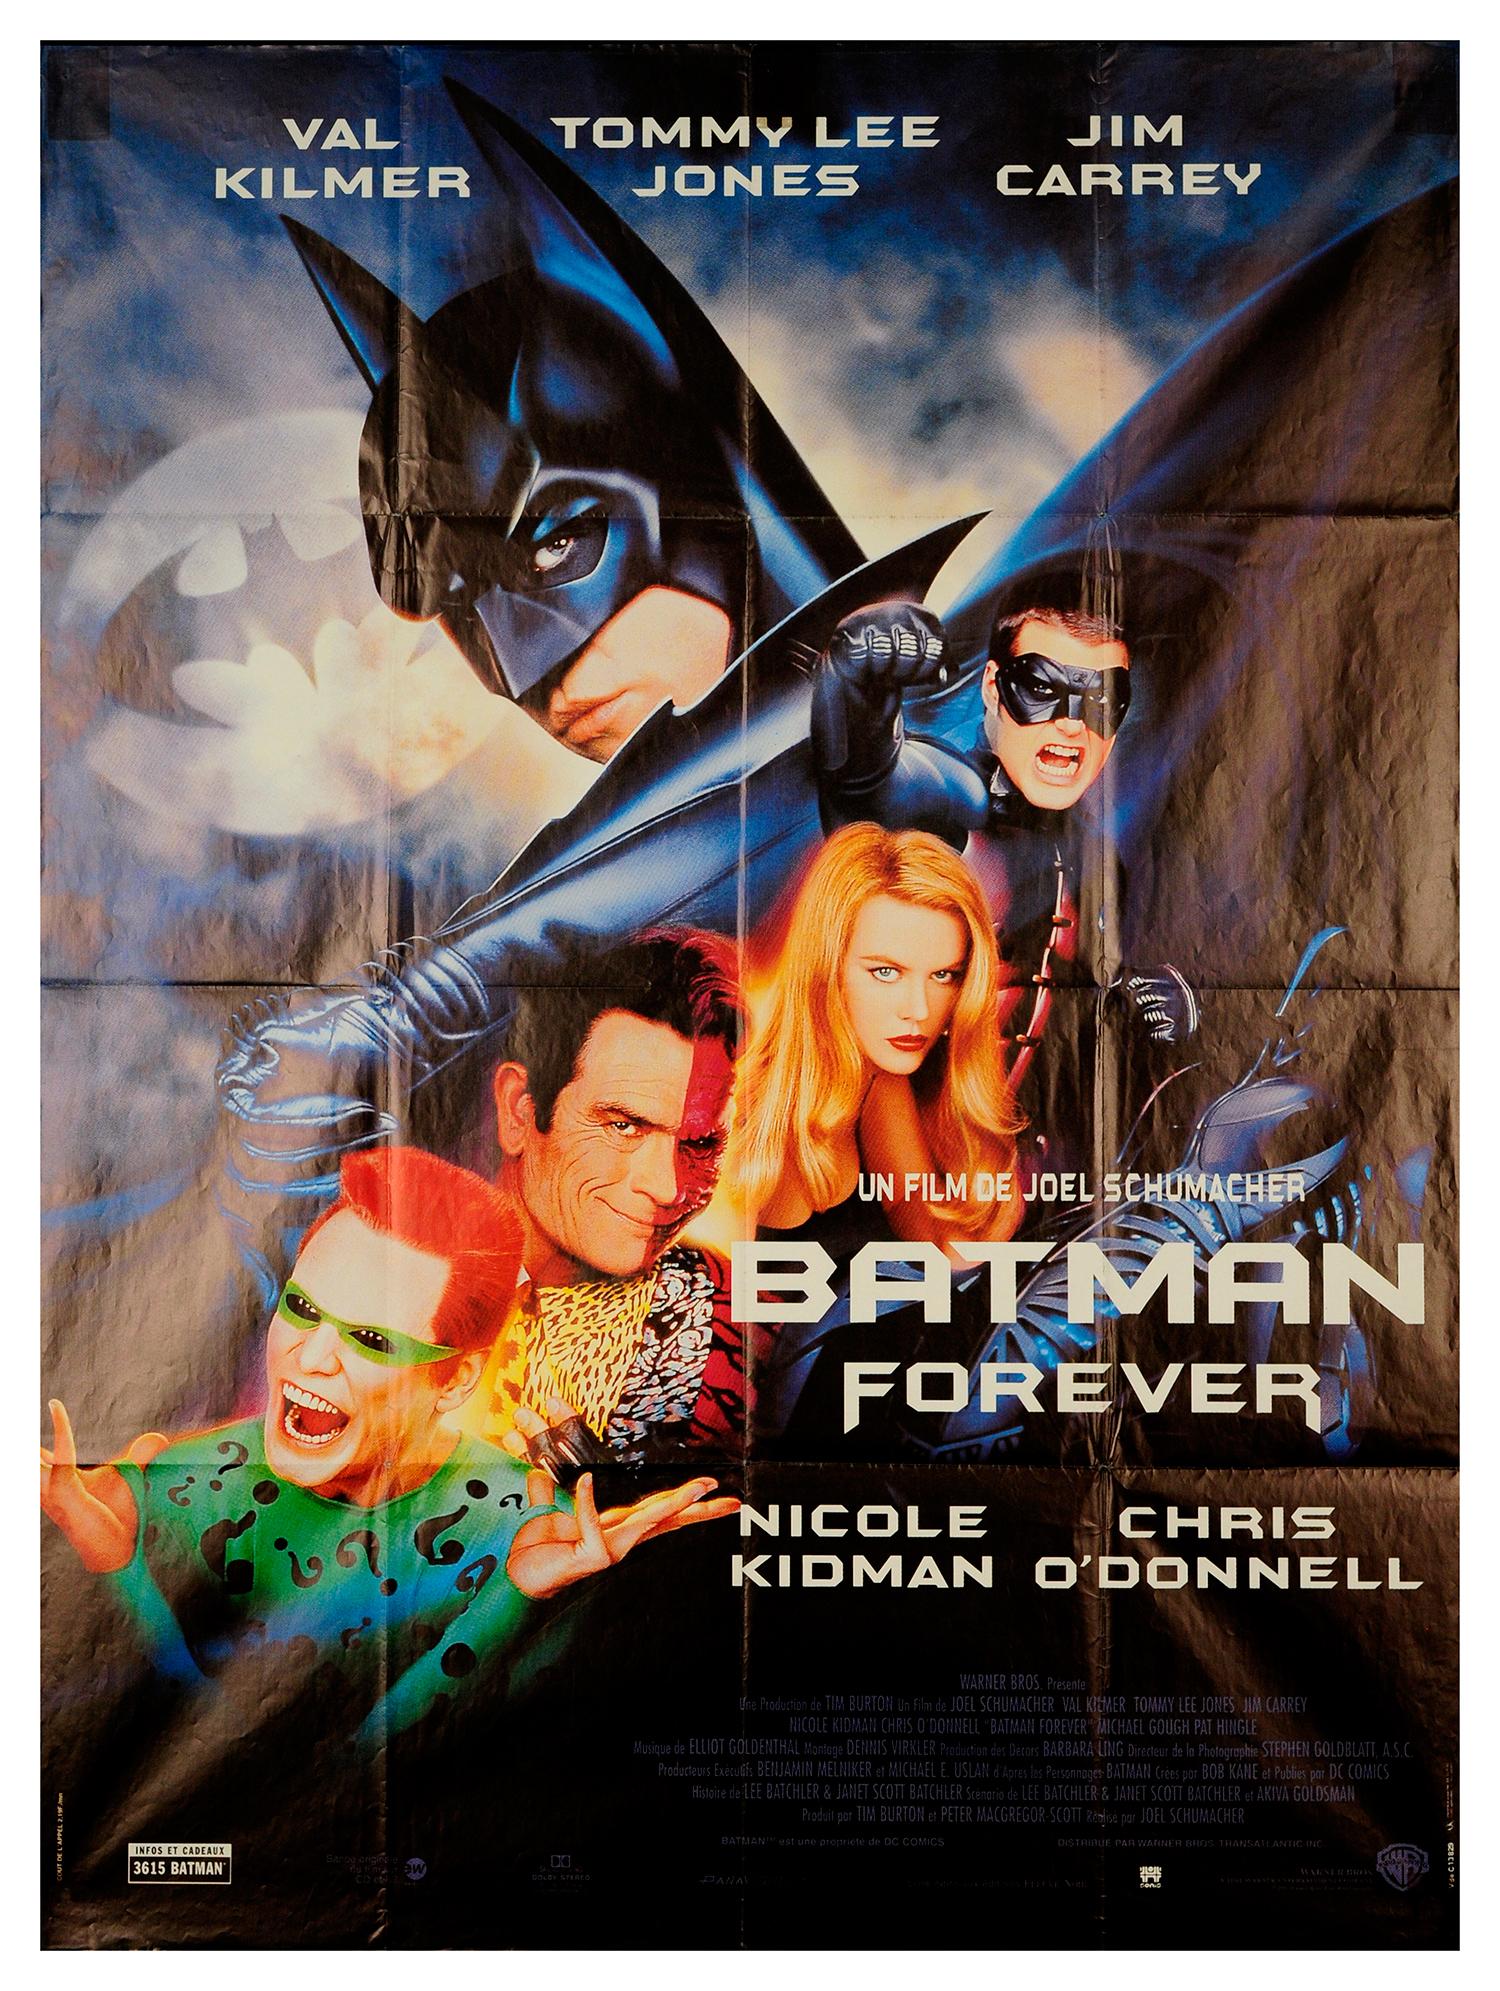 Batman Forever 1995 Original Movie Poster Fff 67779 Fffmovieposters Com